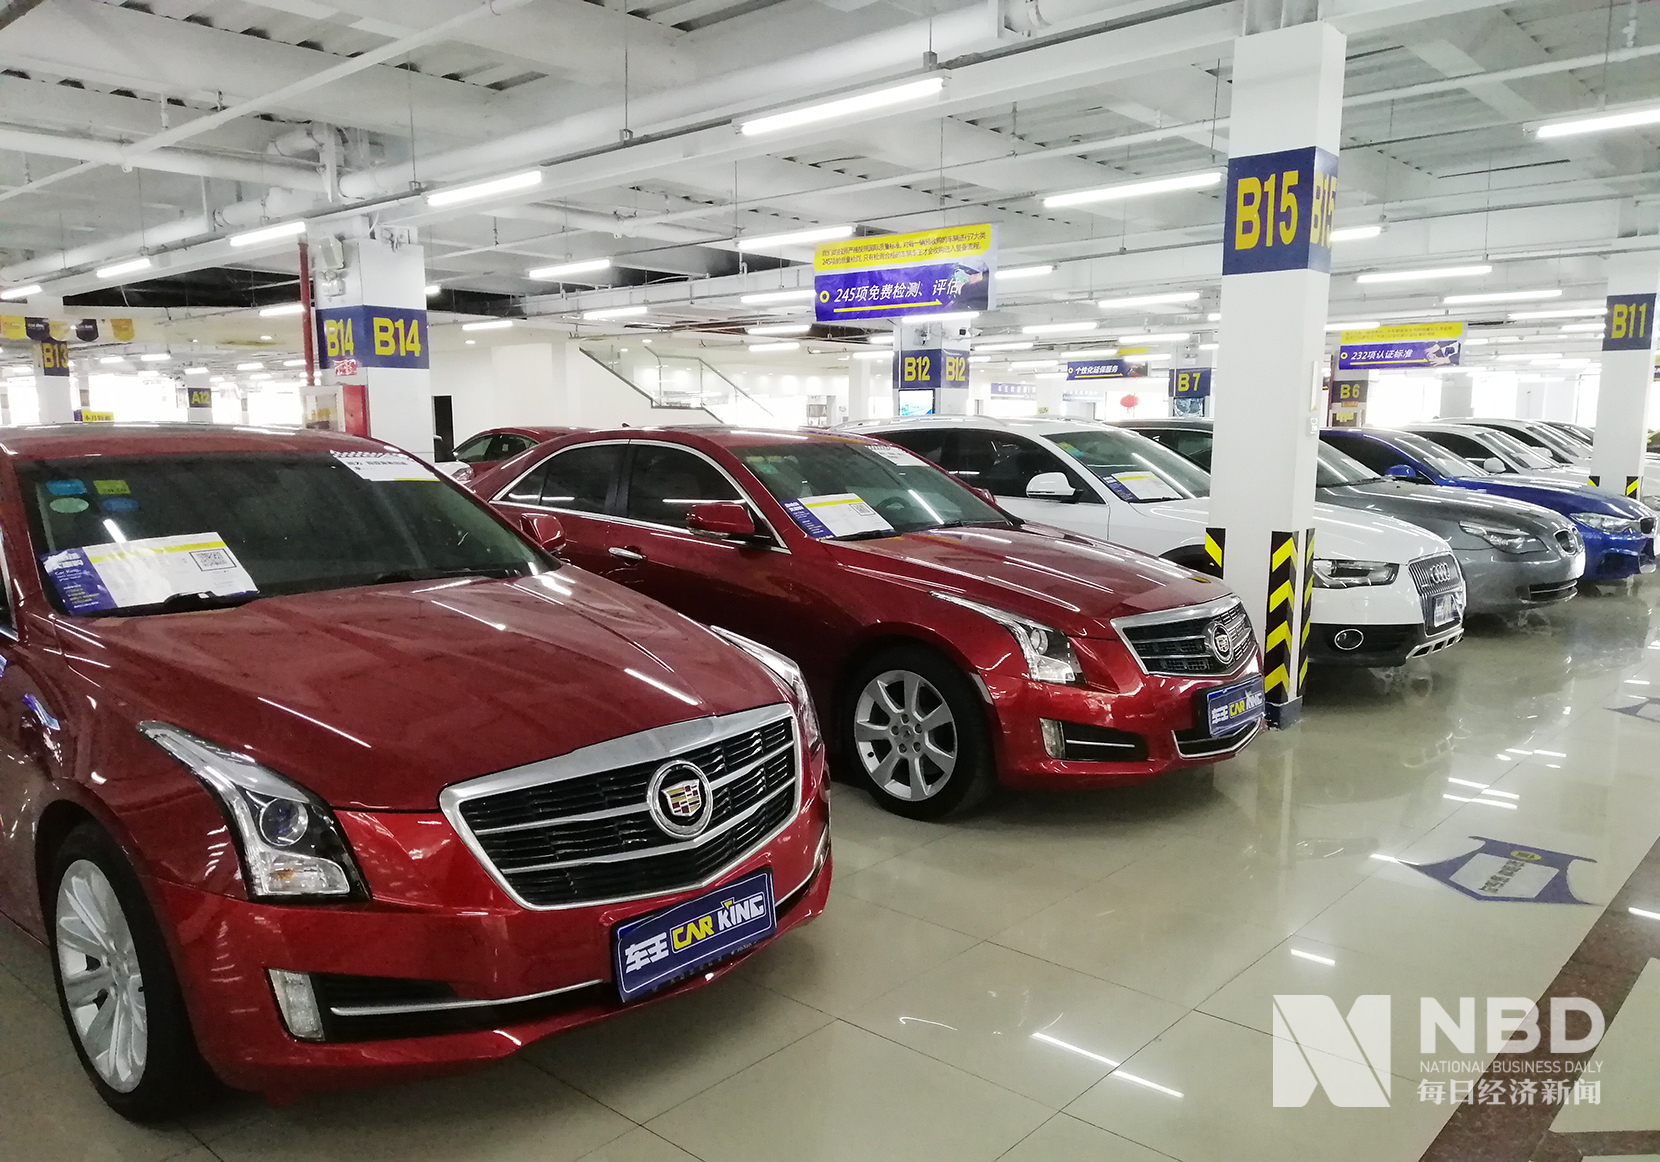 福州二手车市交易冷清:车价下滑 销量减少